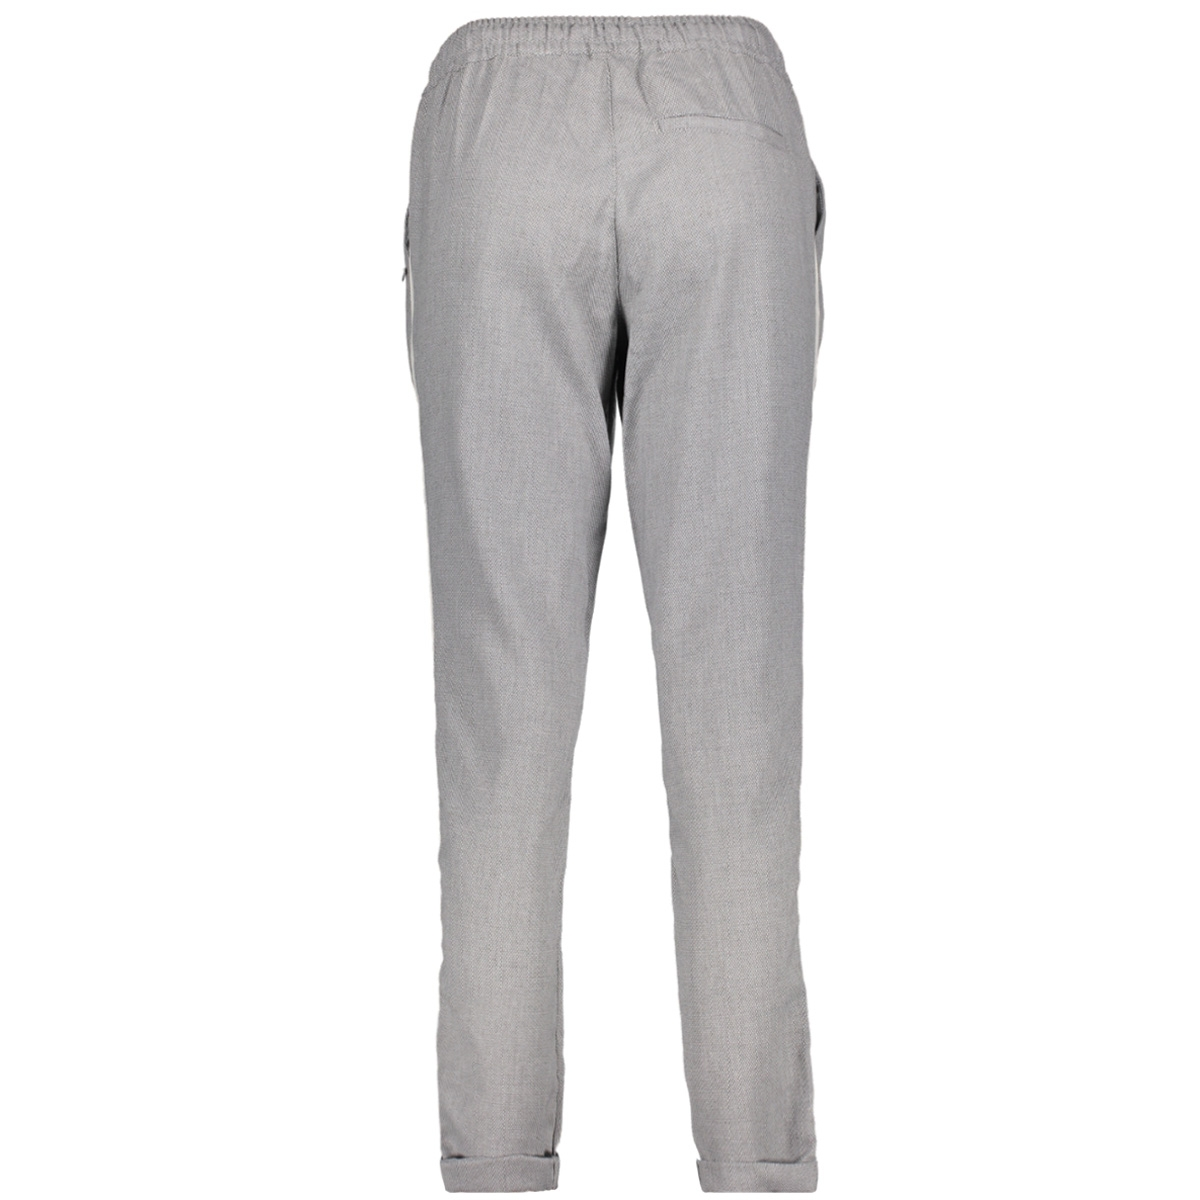 6455124.09.71 tom tailor broek 2973